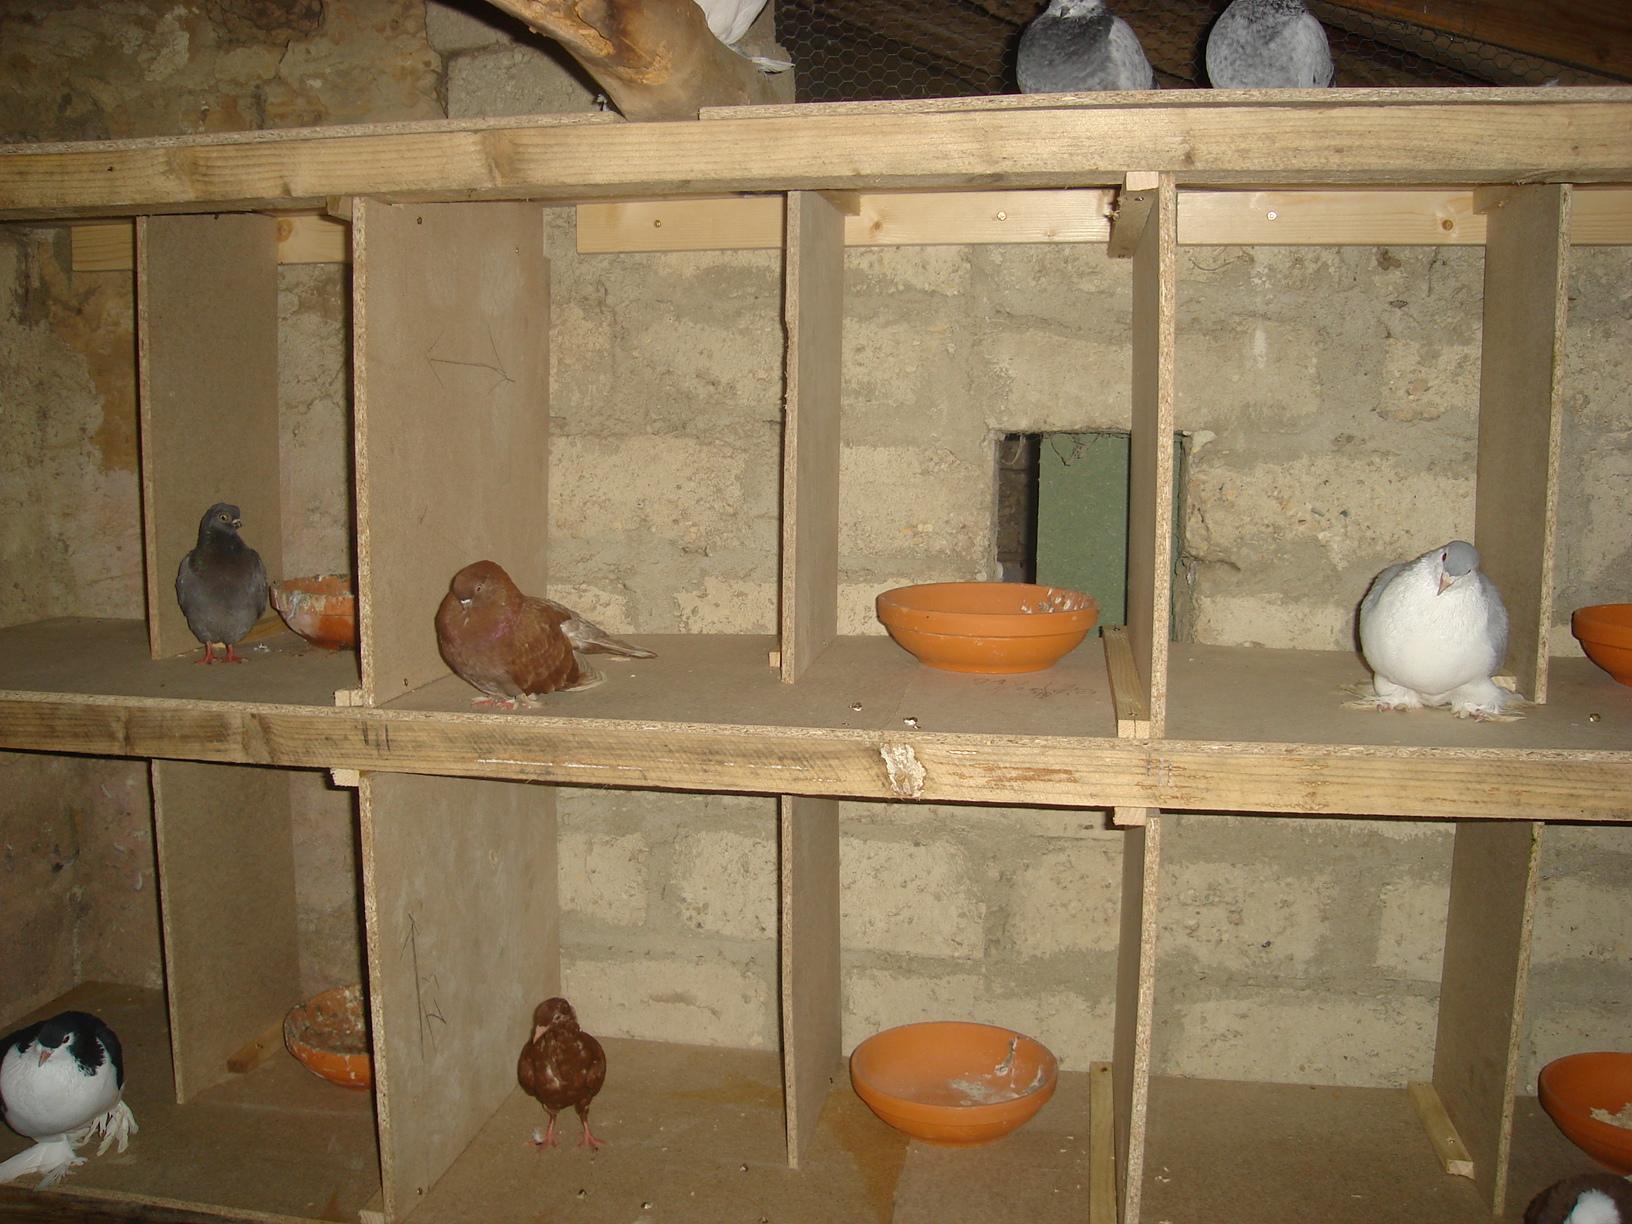 Poules et compagnie mes articles for Amenagement d un poulailler